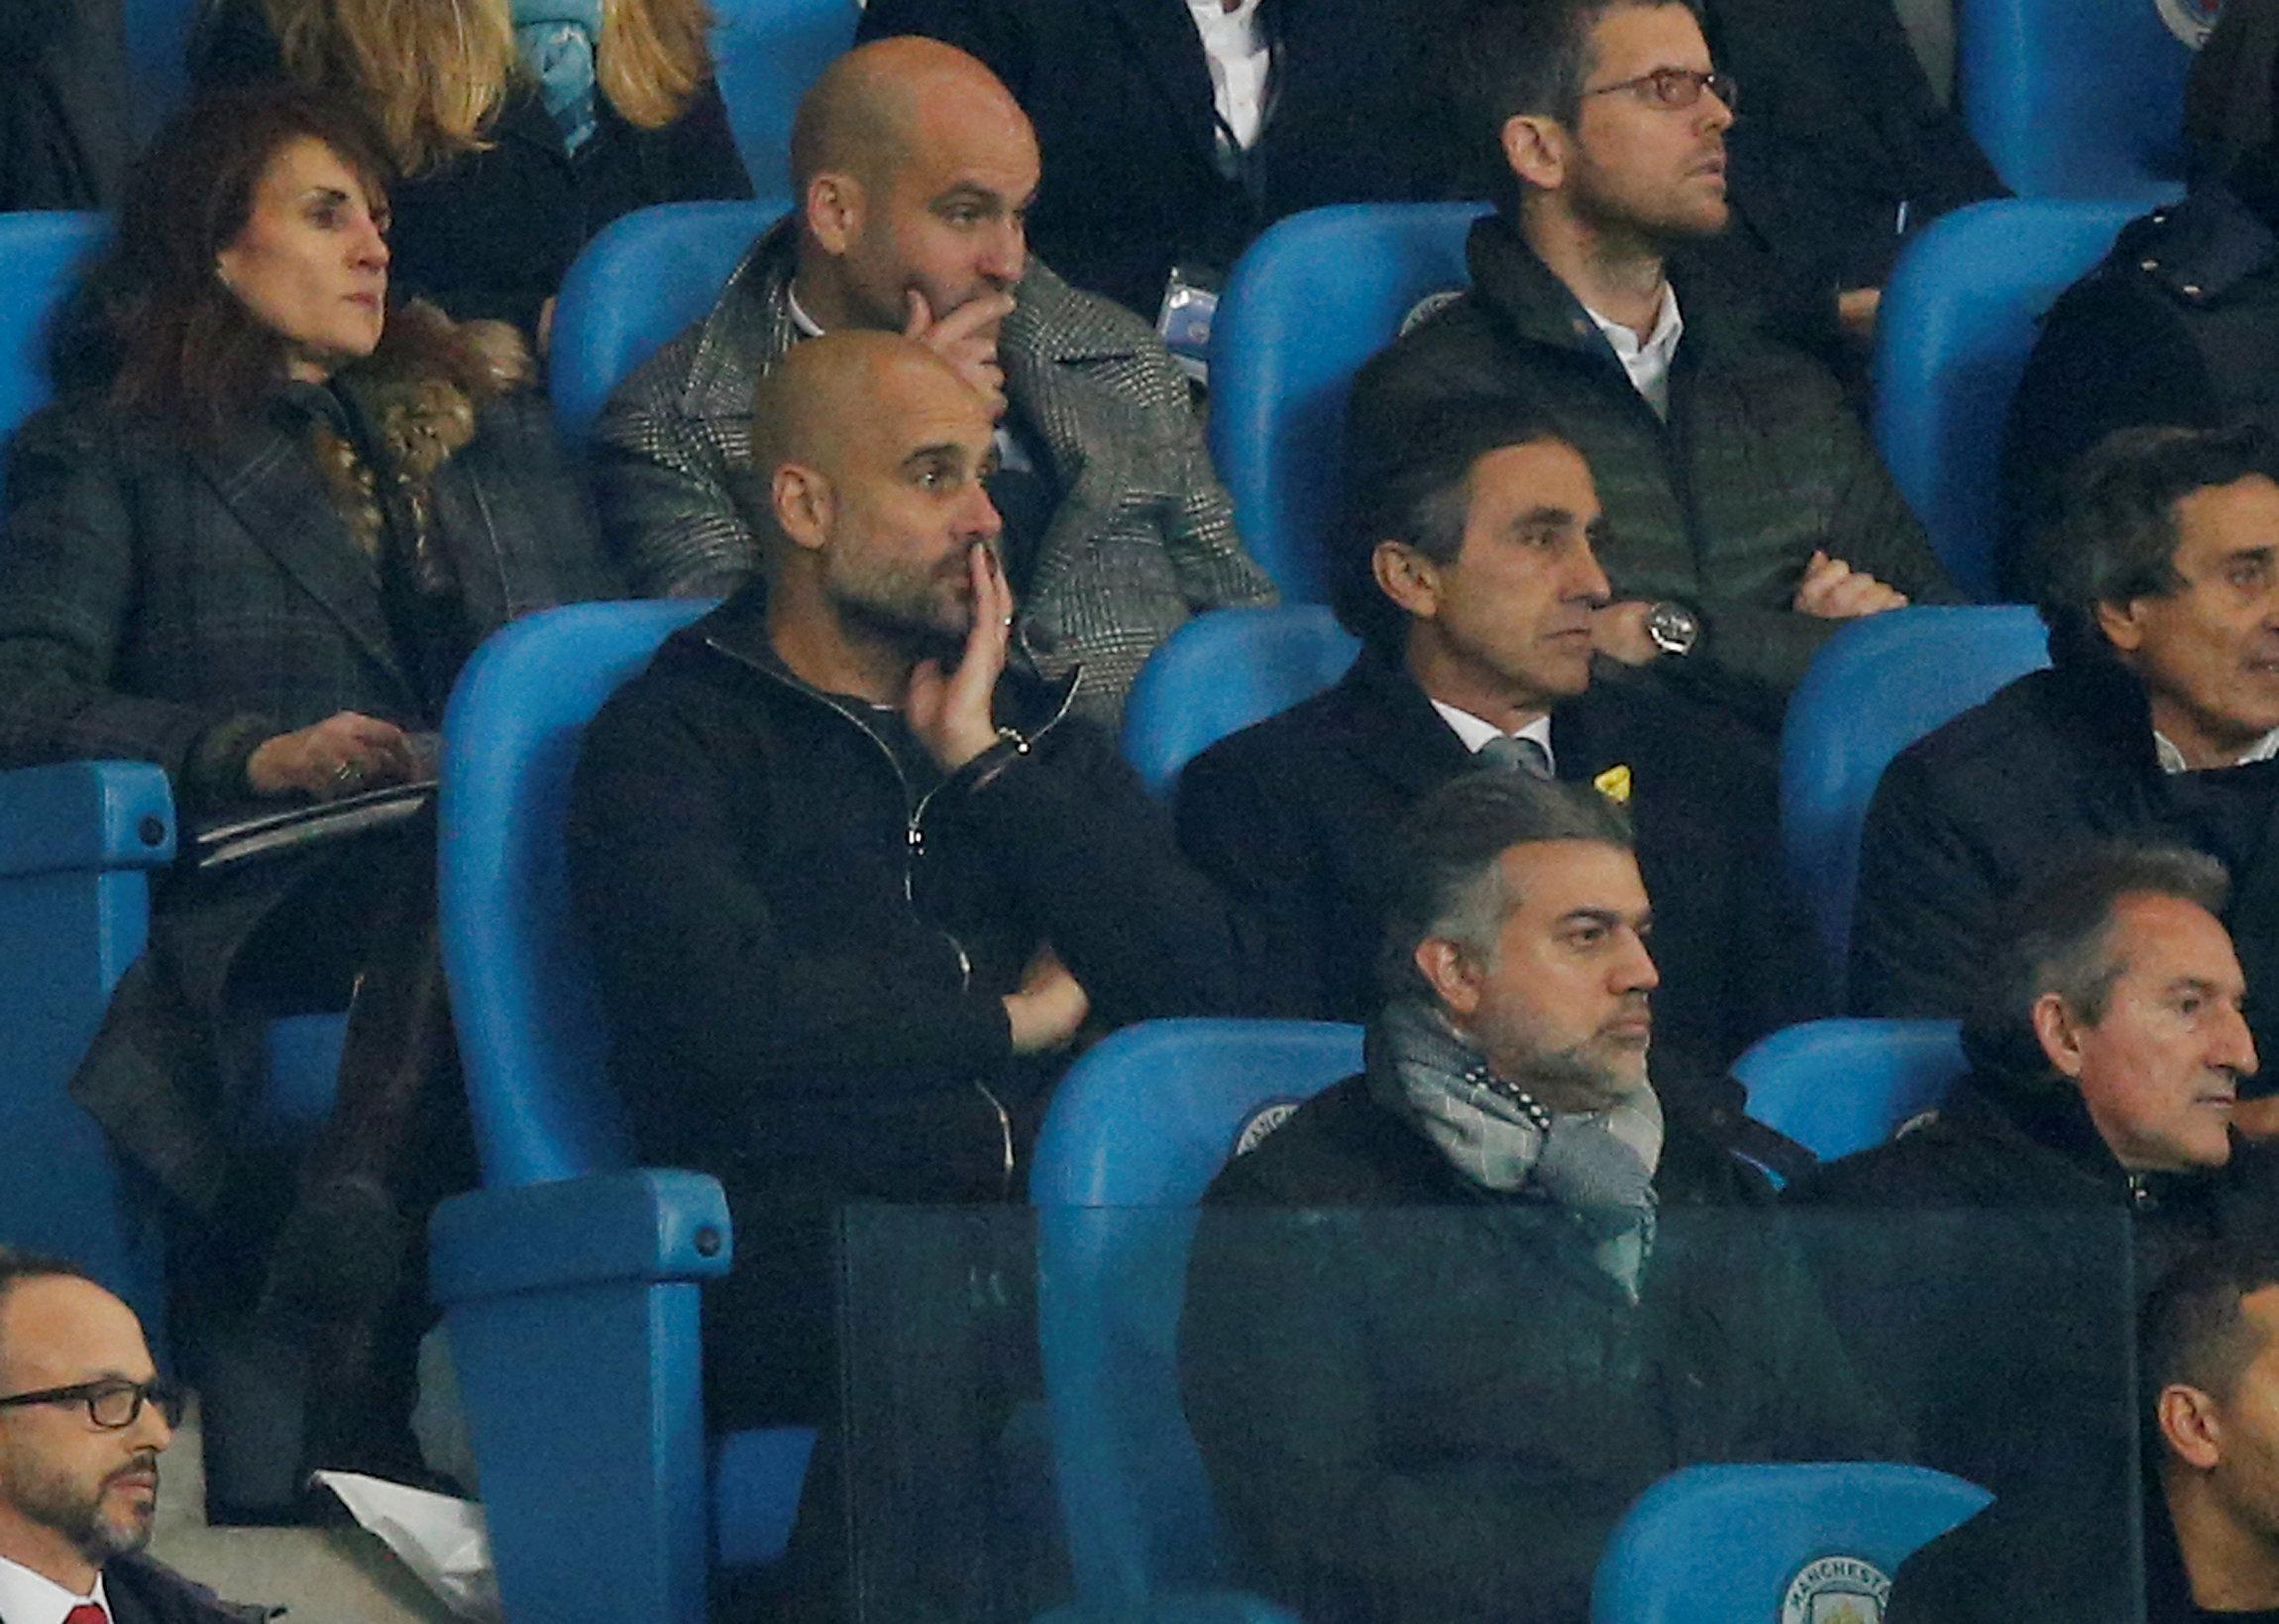 HLV Guardiola theo dõi M.C thi đấu trên khán đài trong hiệp 2. Ảnh: REUTERS